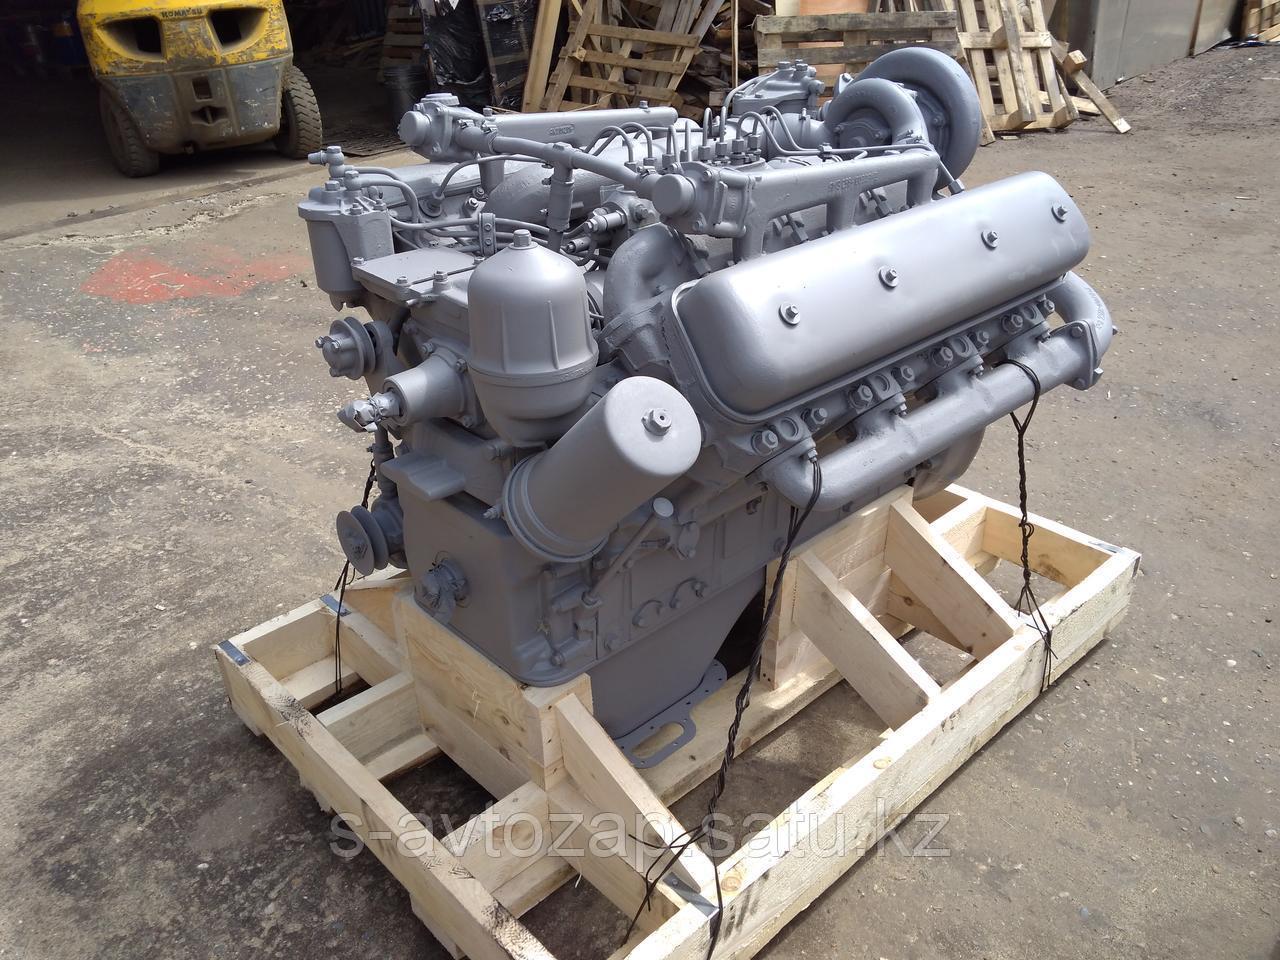 Двигатель (индивидуальной сборки) НА БЛОКЕ НОВОГО ОБРАЗЦА без КПП и сцепления ВАЛ ДО 1 рем. ЯМЗ 238БЕ2-1000187